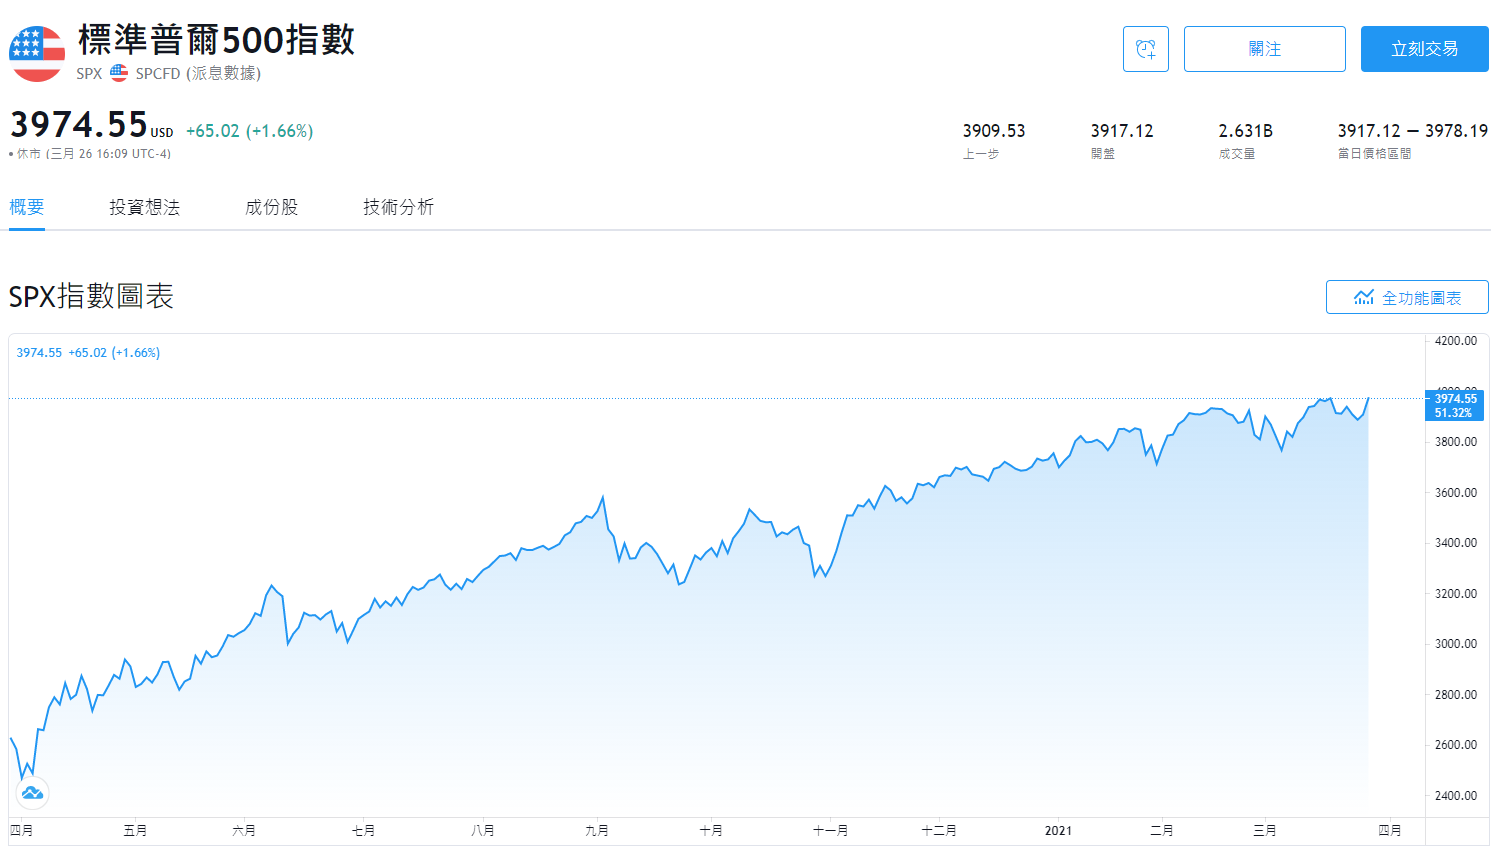 標準普爾指數S&P500 index走勢圖